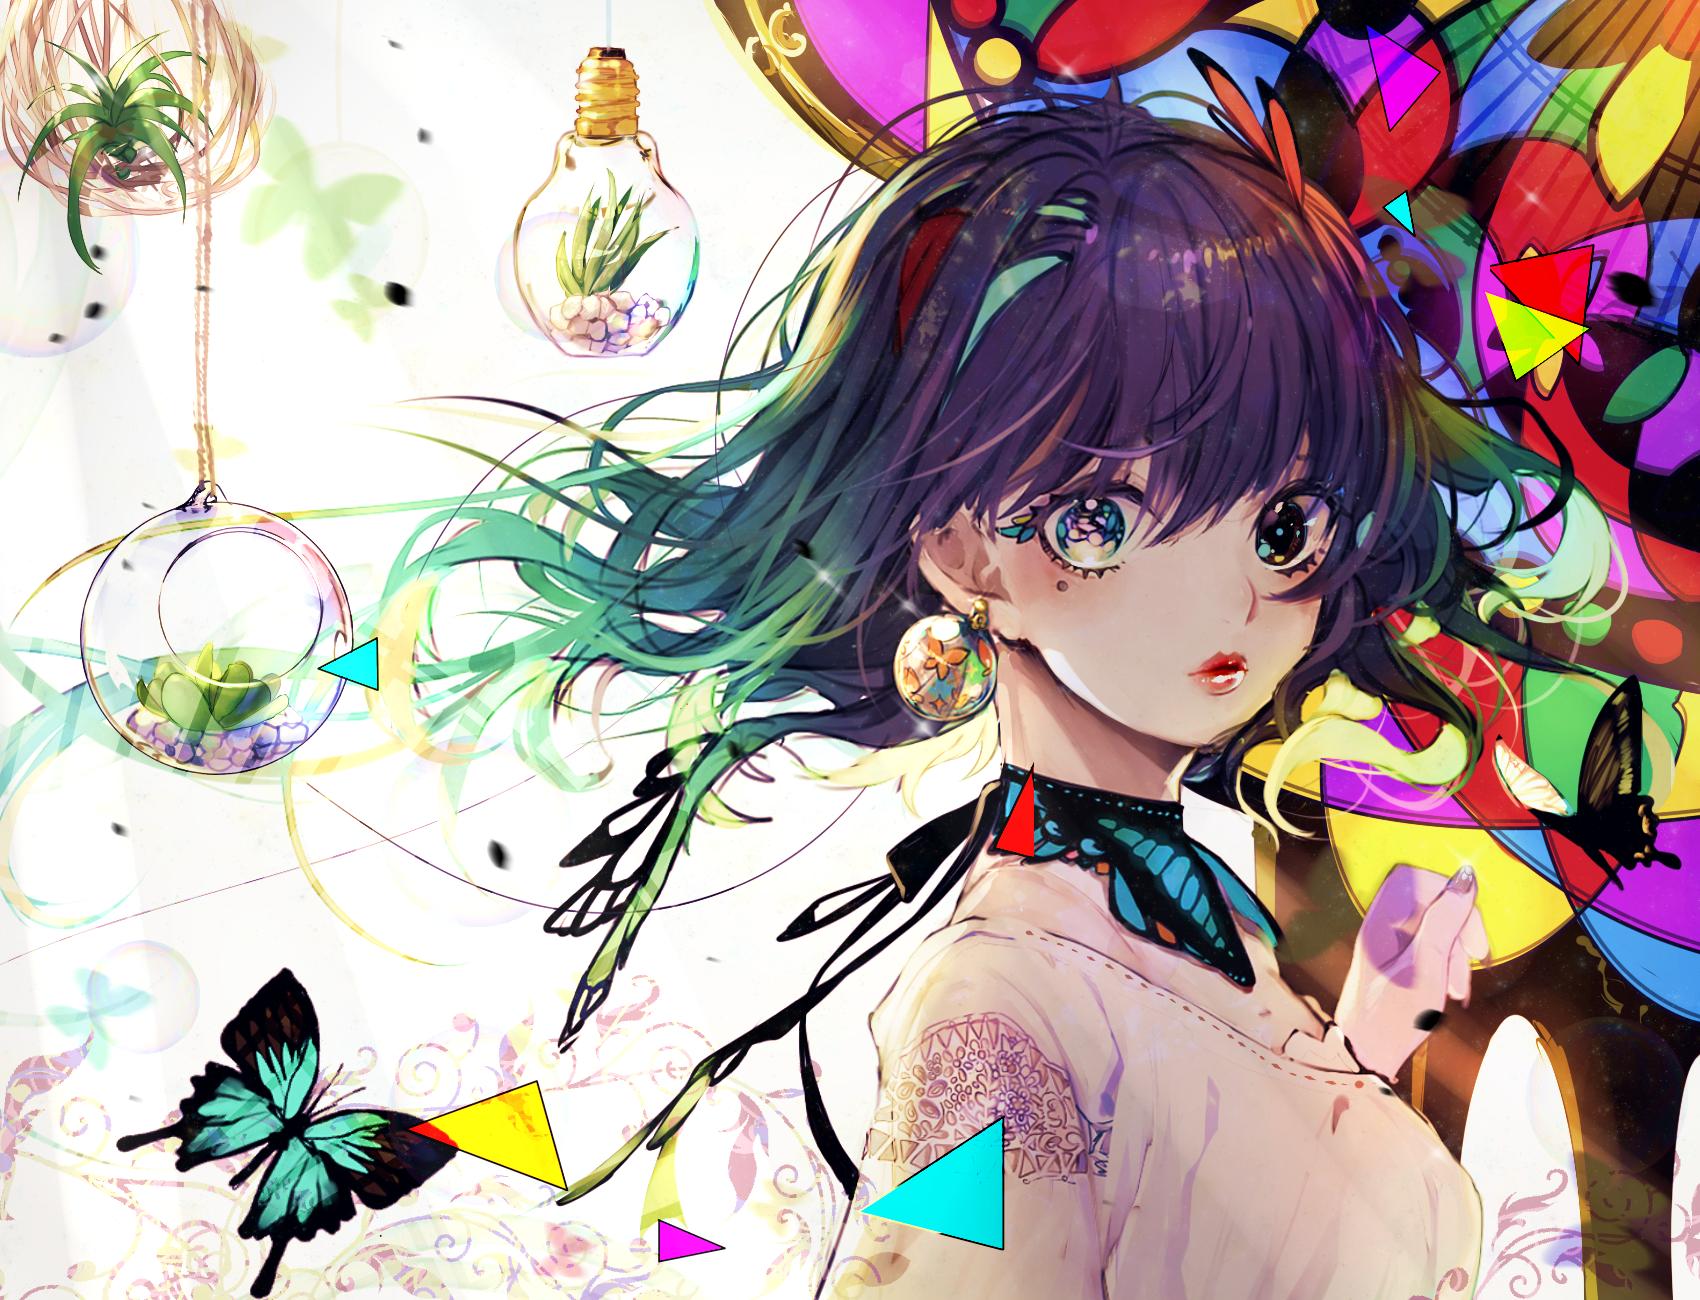 Anime art colorful eyes and hair anime chibi manga anime kawaii anime